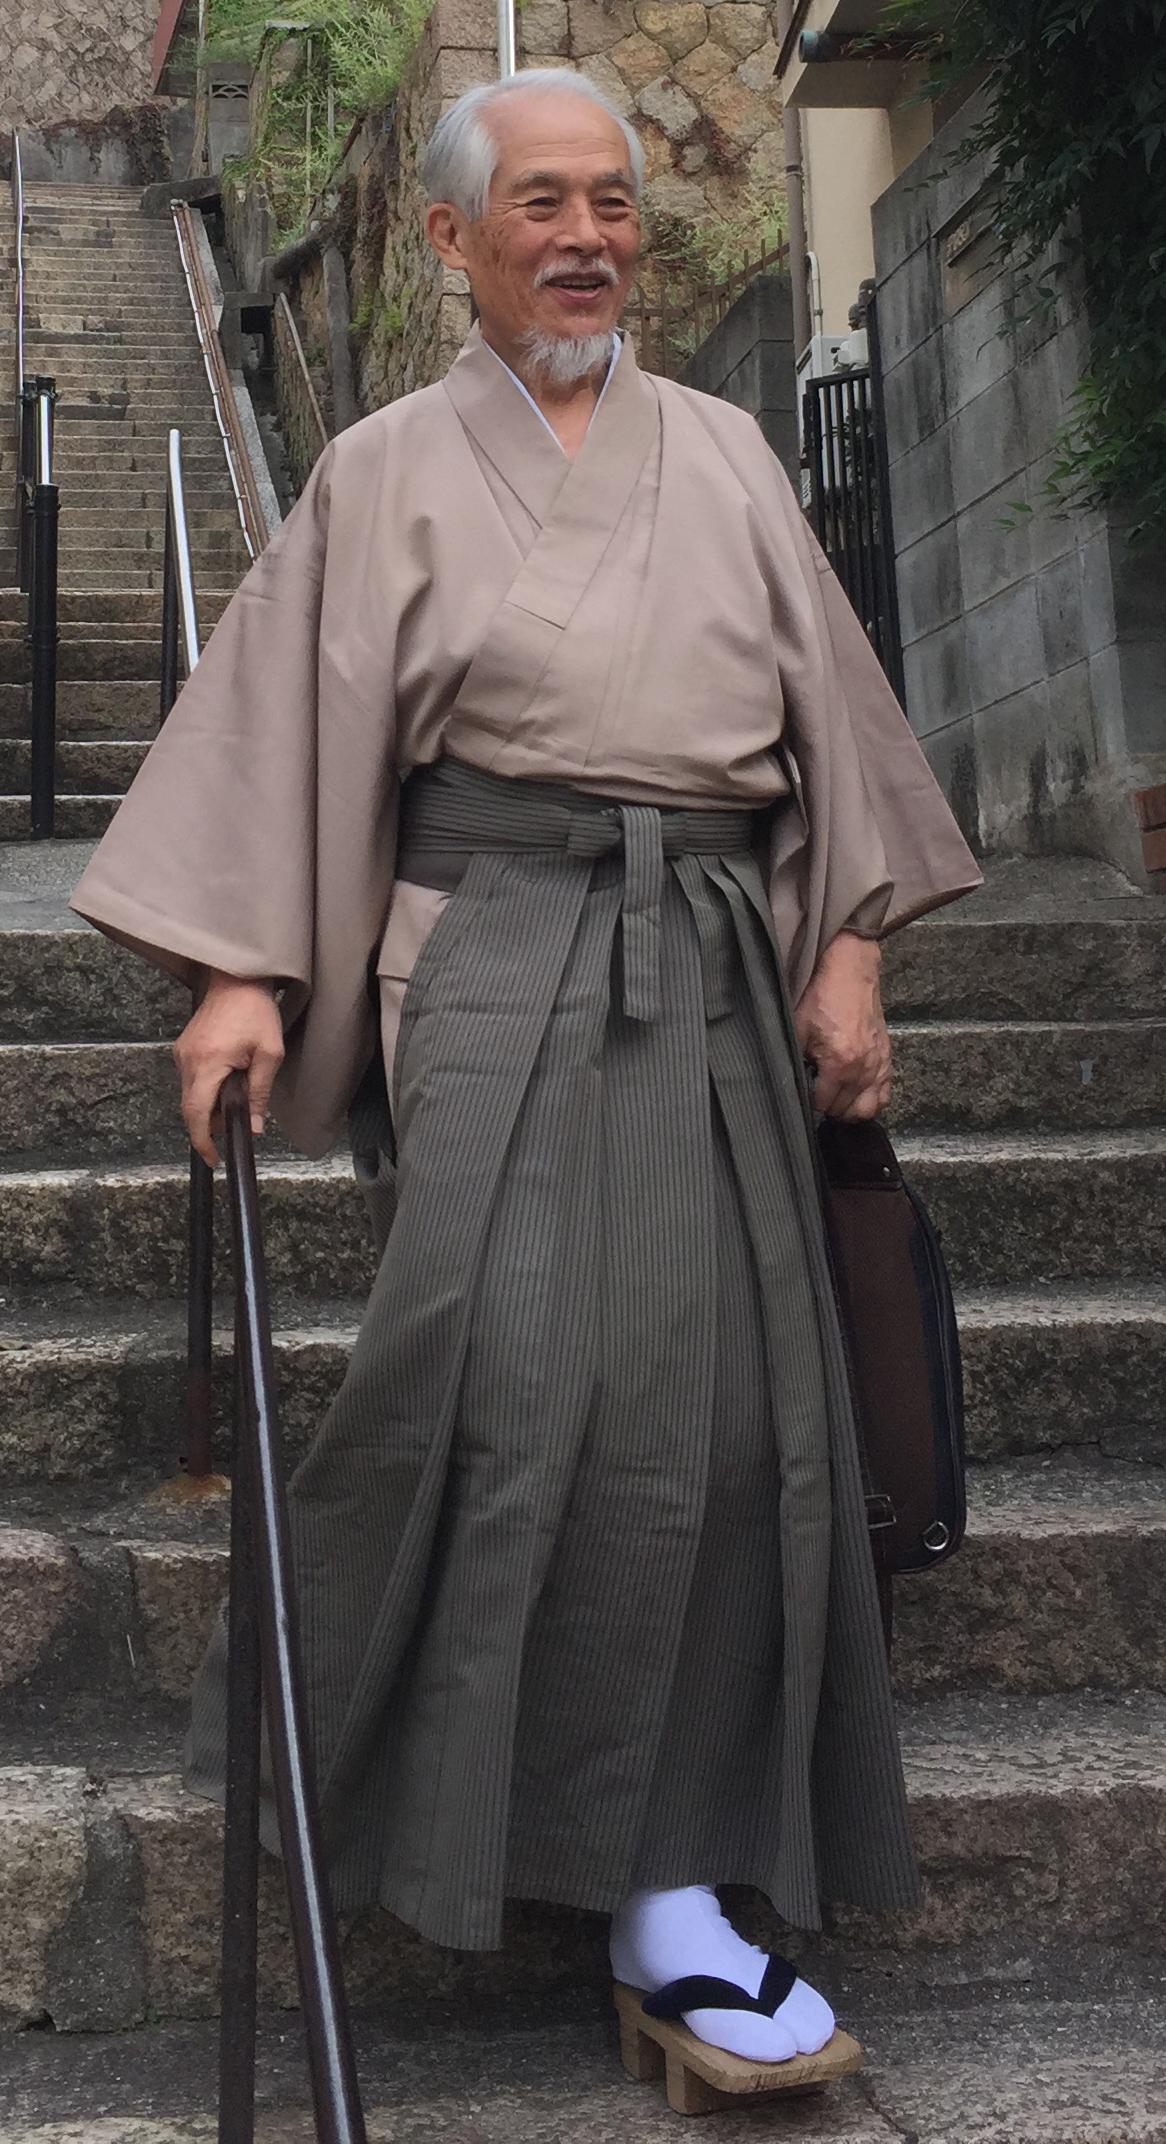 http://takuboku.ningenzen.jp/uploads/ckeditor/images/20140925211836.jpg